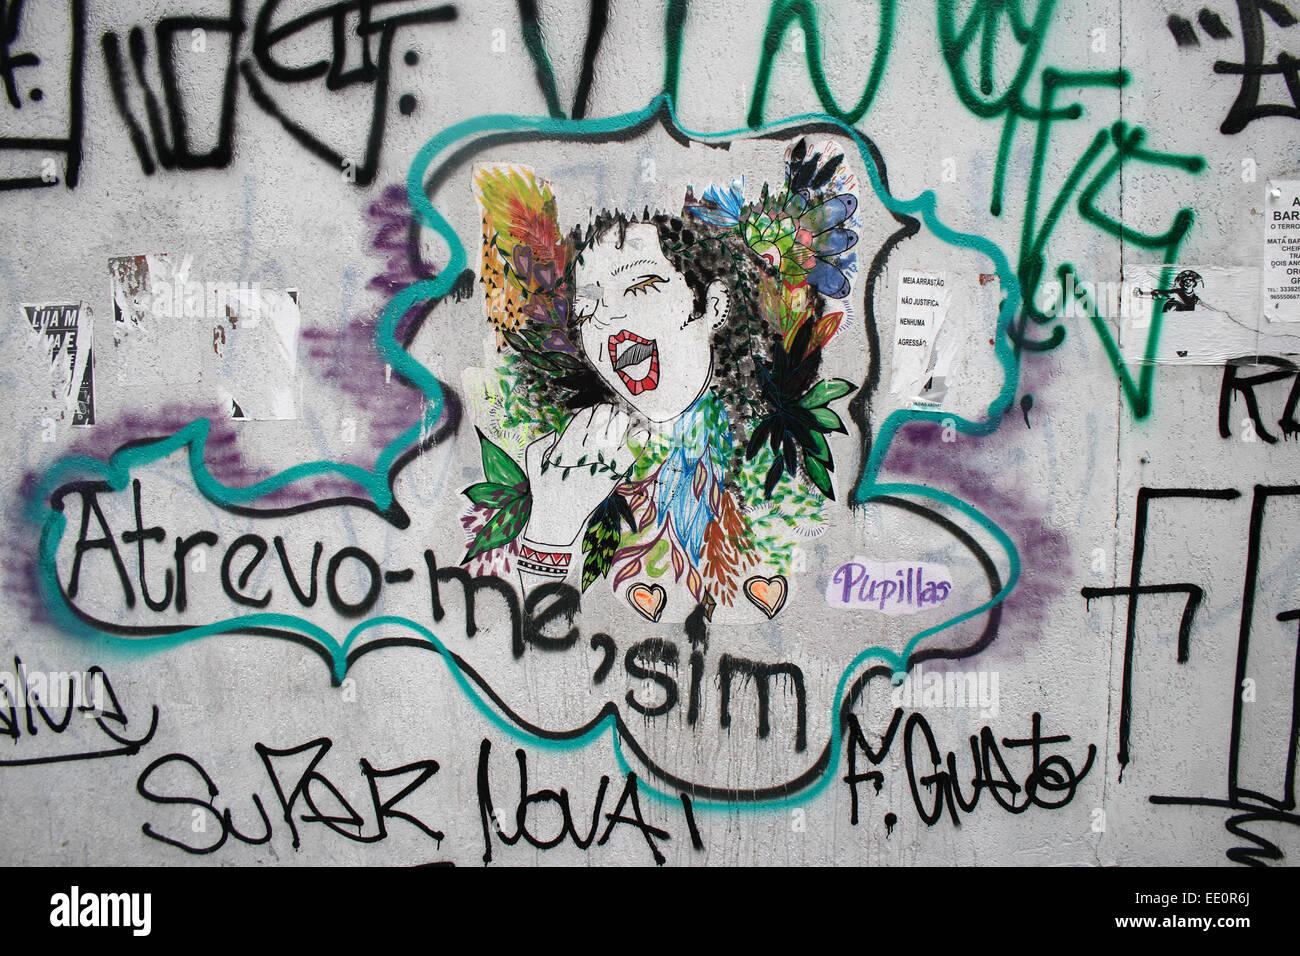 Arte di strada nella città brasiliana di Sao Paulo. Immagini Stock